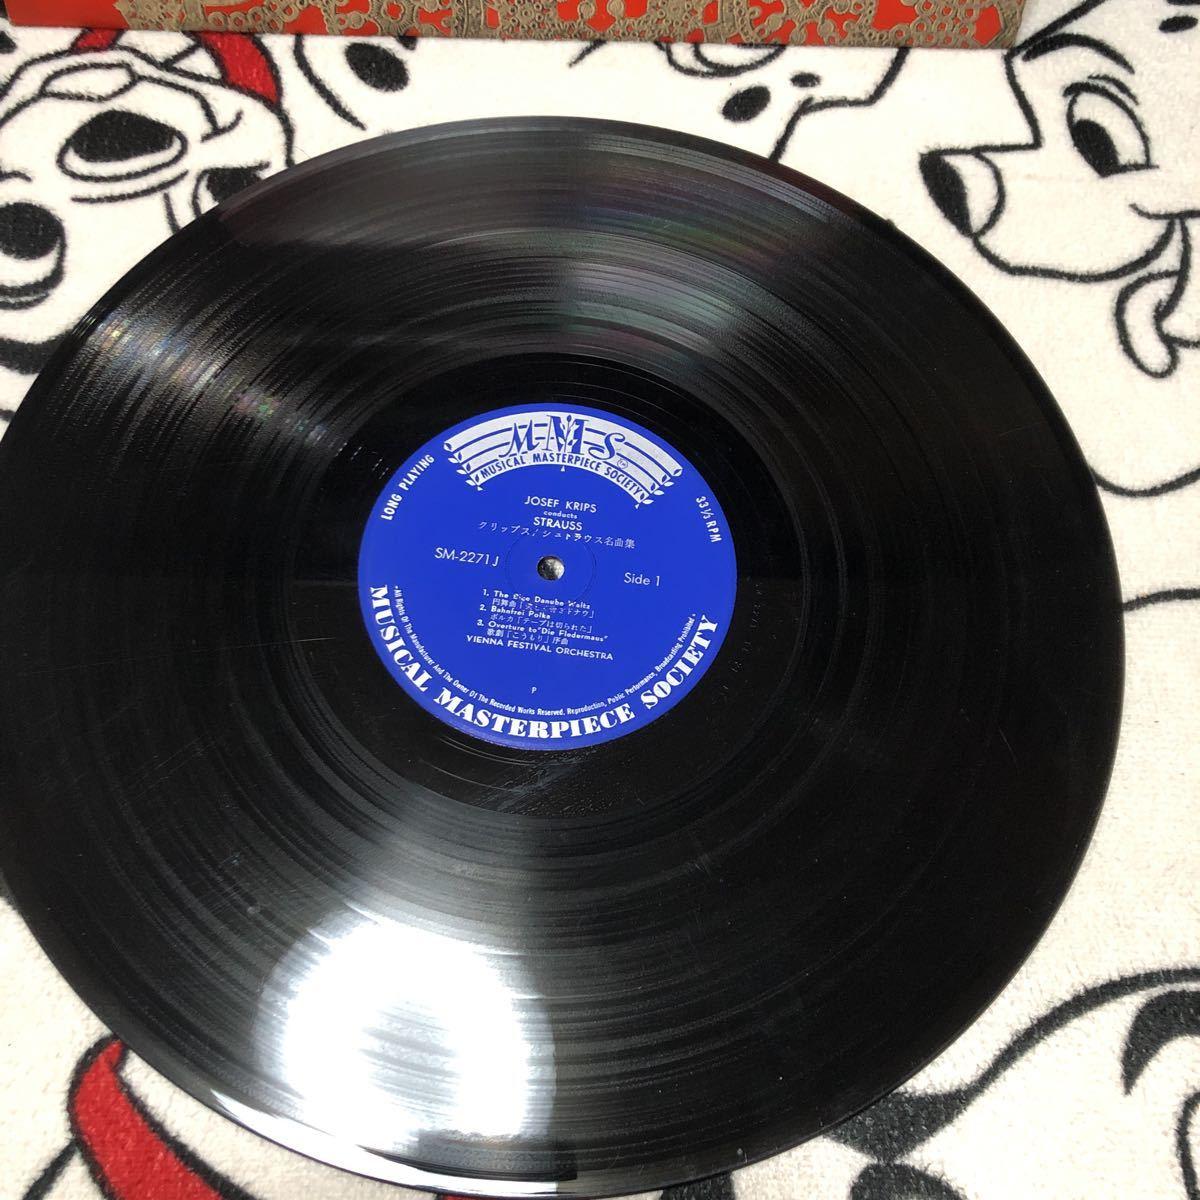 激レア盤★中さん★LPレコード★ JOSEF KRIPS ★クリップス シュトラウス名曲集★レコード多数出品中_画像3